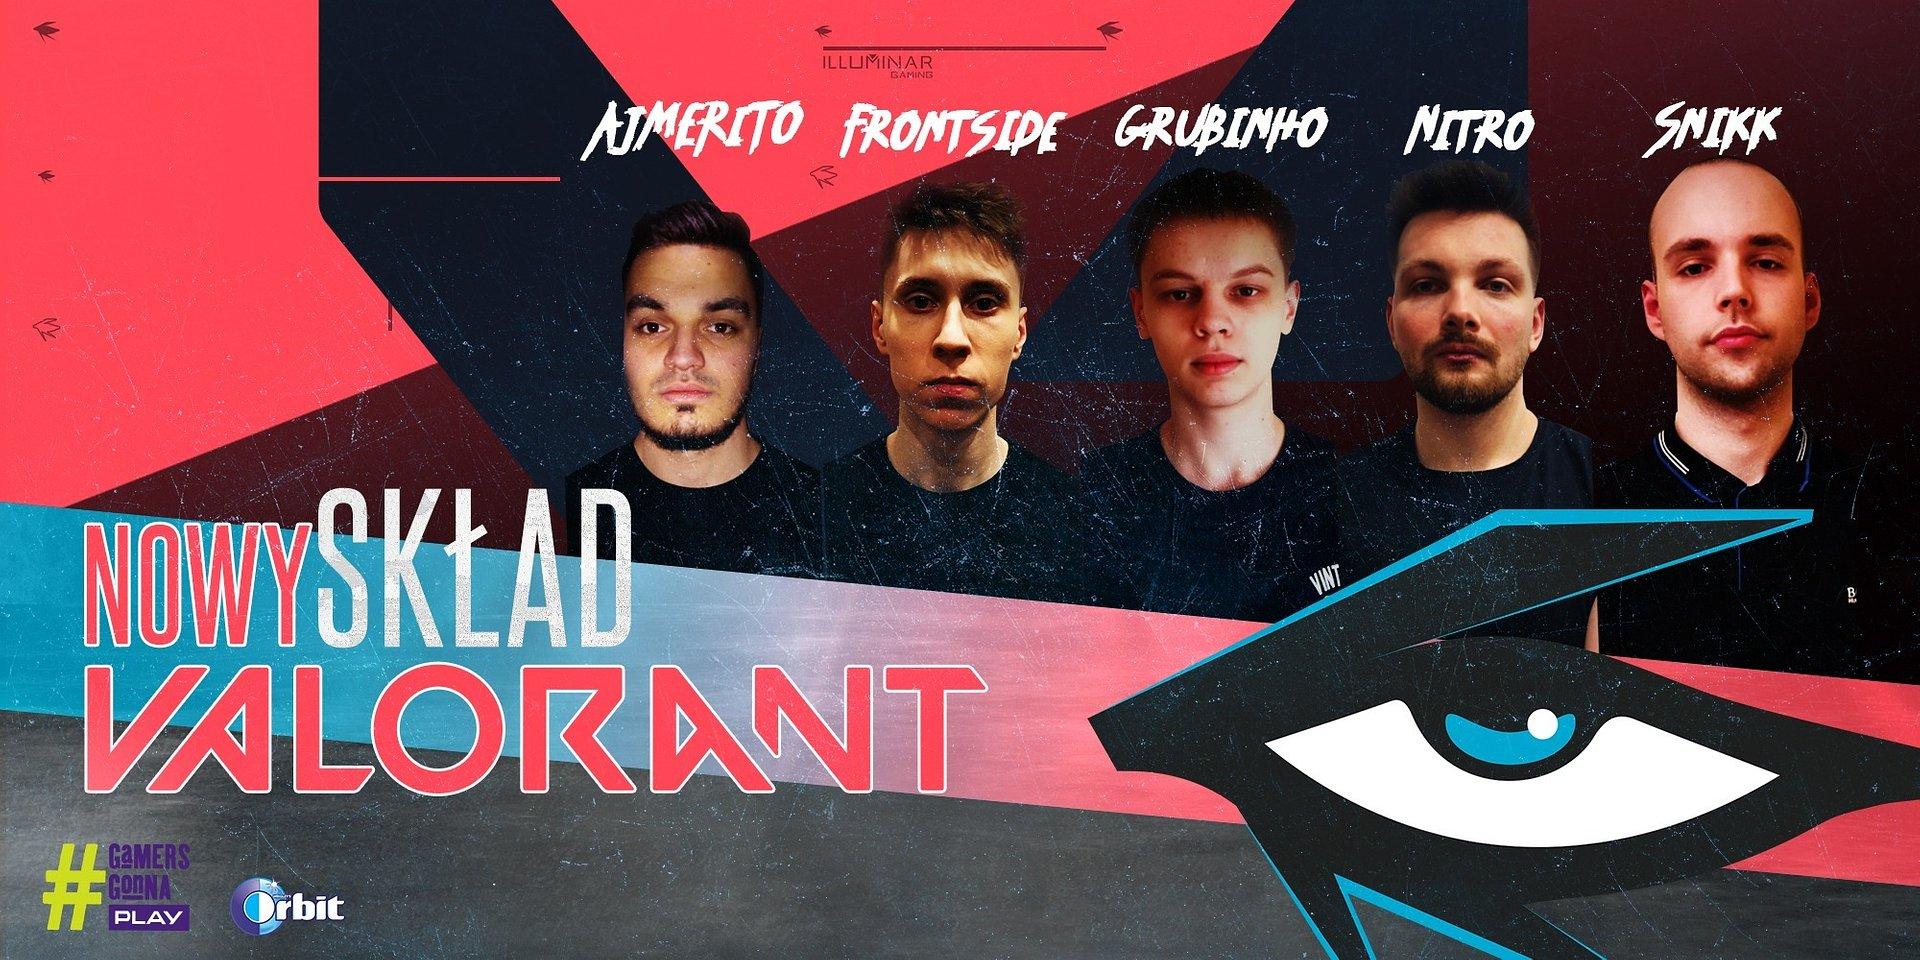 Illuminar Gaming z dywizją VALORANT – do organizacji dołącza drużyna Chakalaka!